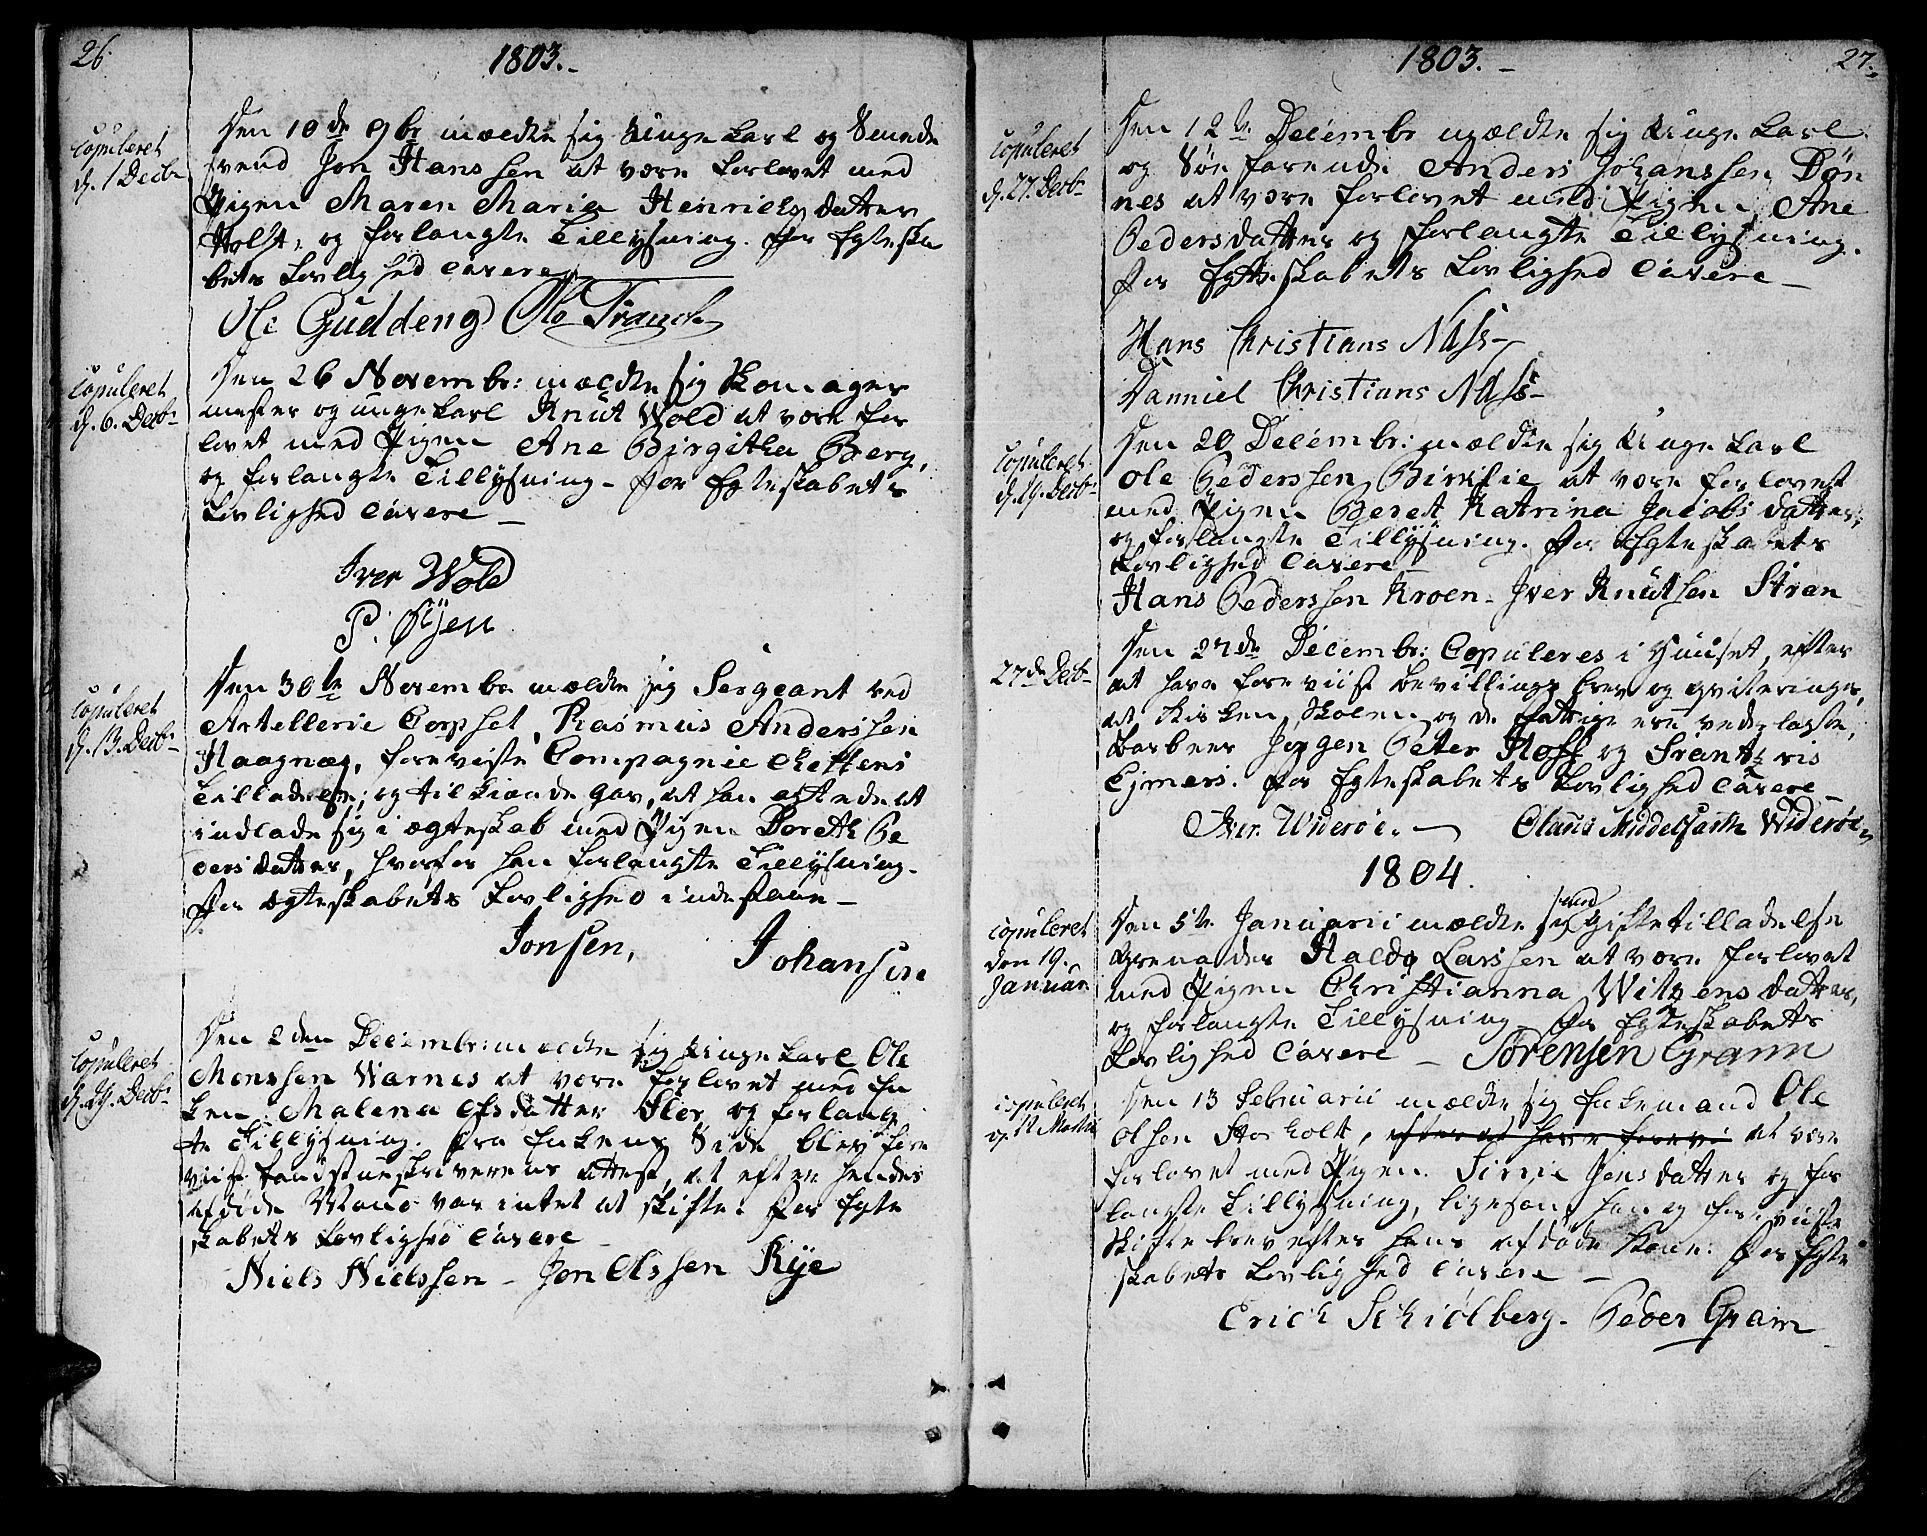 SAT, Ministerialprotokoller, klokkerbøker og fødselsregistre - Sør-Trøndelag, 601/L0042: Ministerialbok nr. 601A10, 1802-1830, s. 26-27